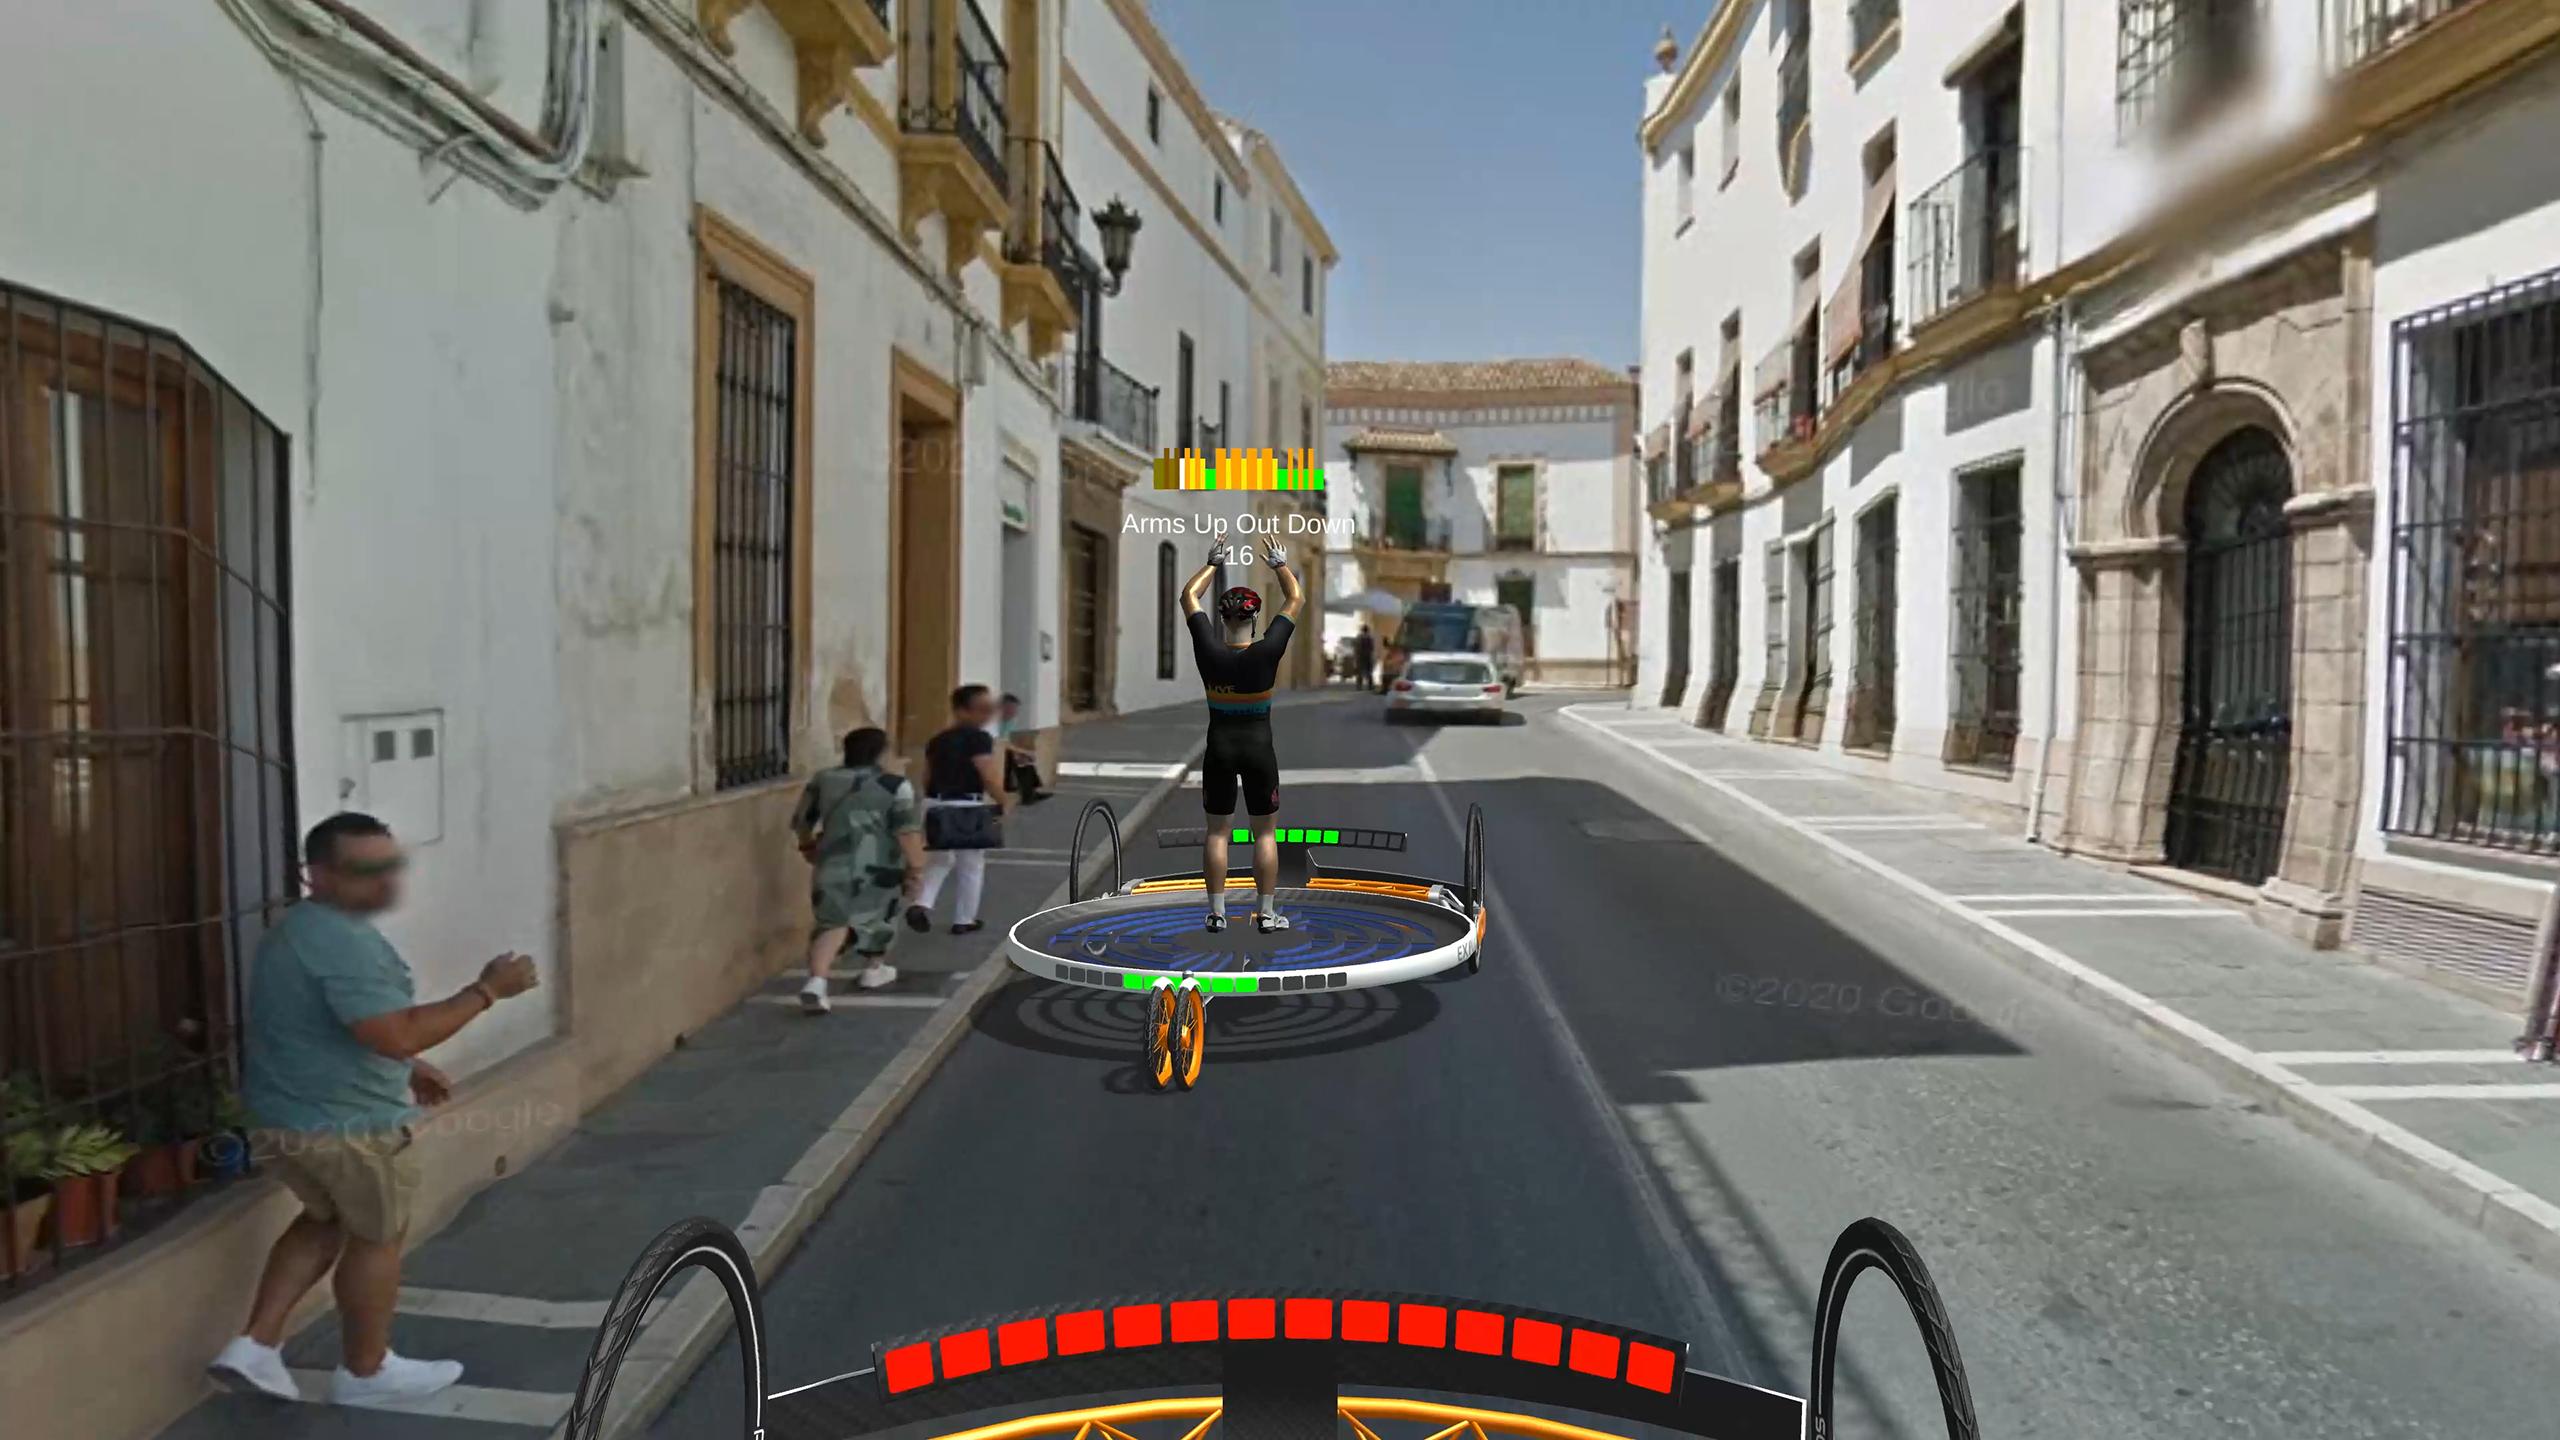 从VR自行车到VR一体机应用,VirZOOM对虚拟健身的新思路